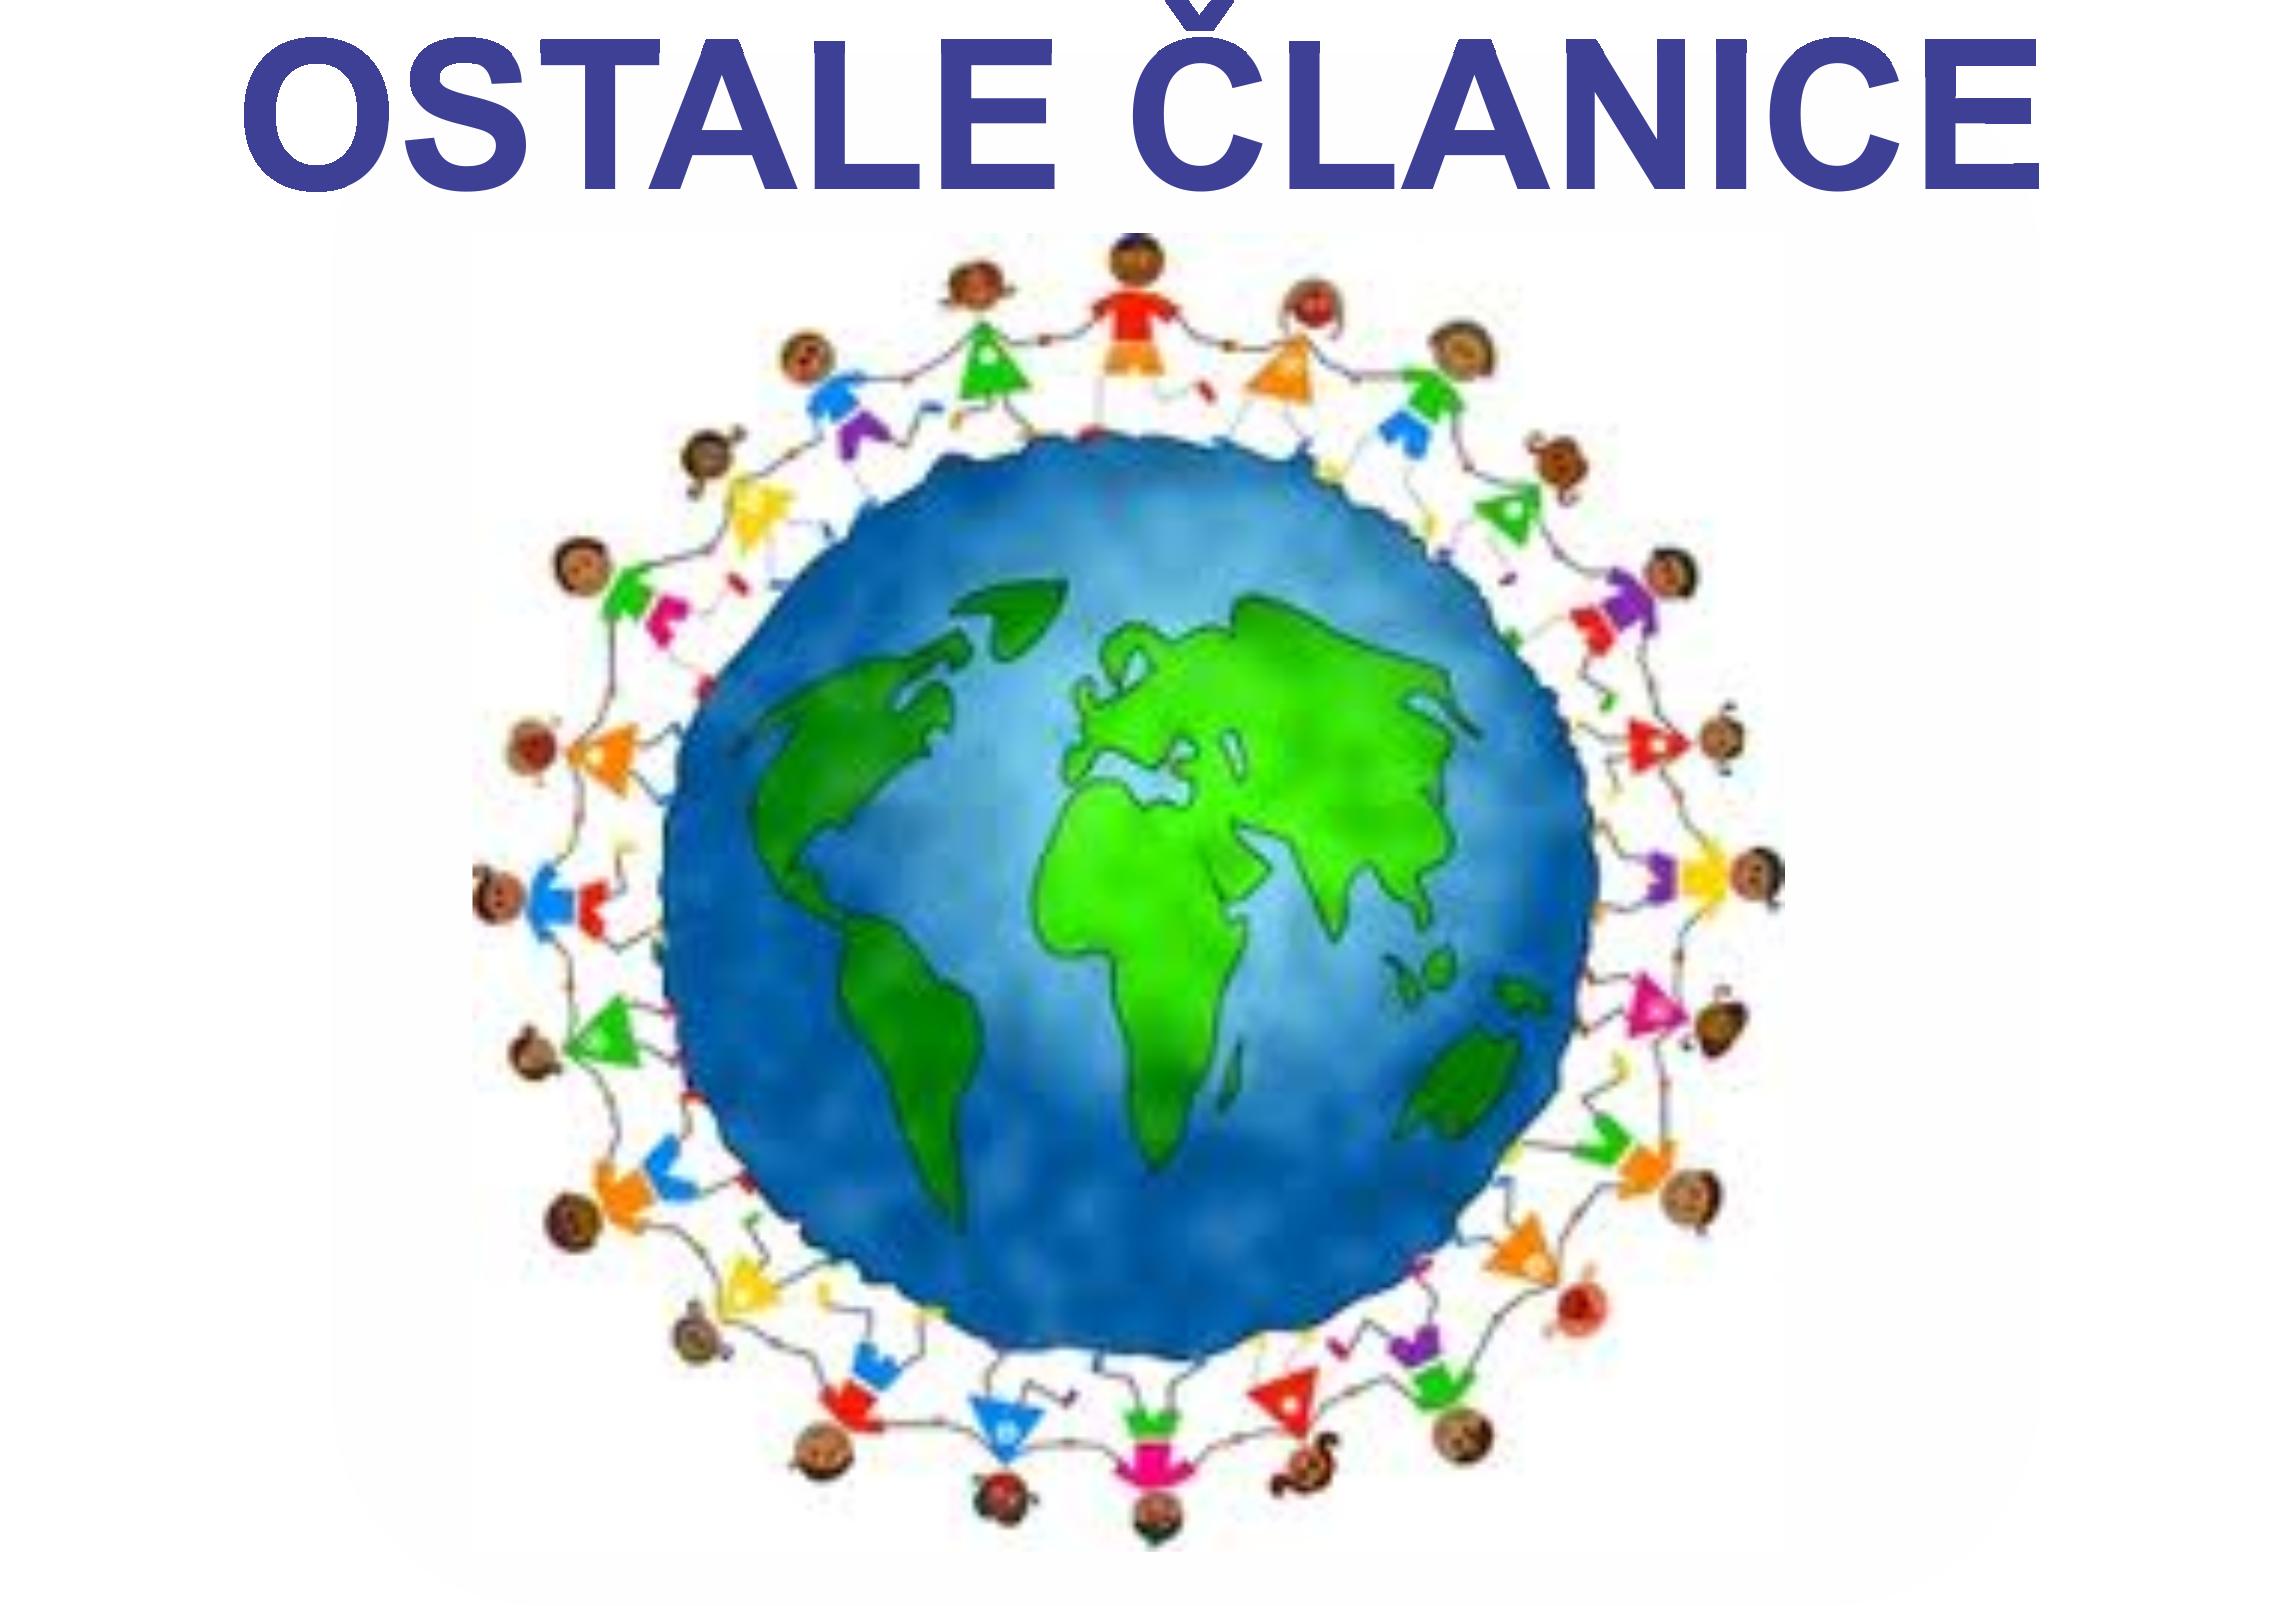 Fice-Clanica-OSTALE-ČLANICE.png